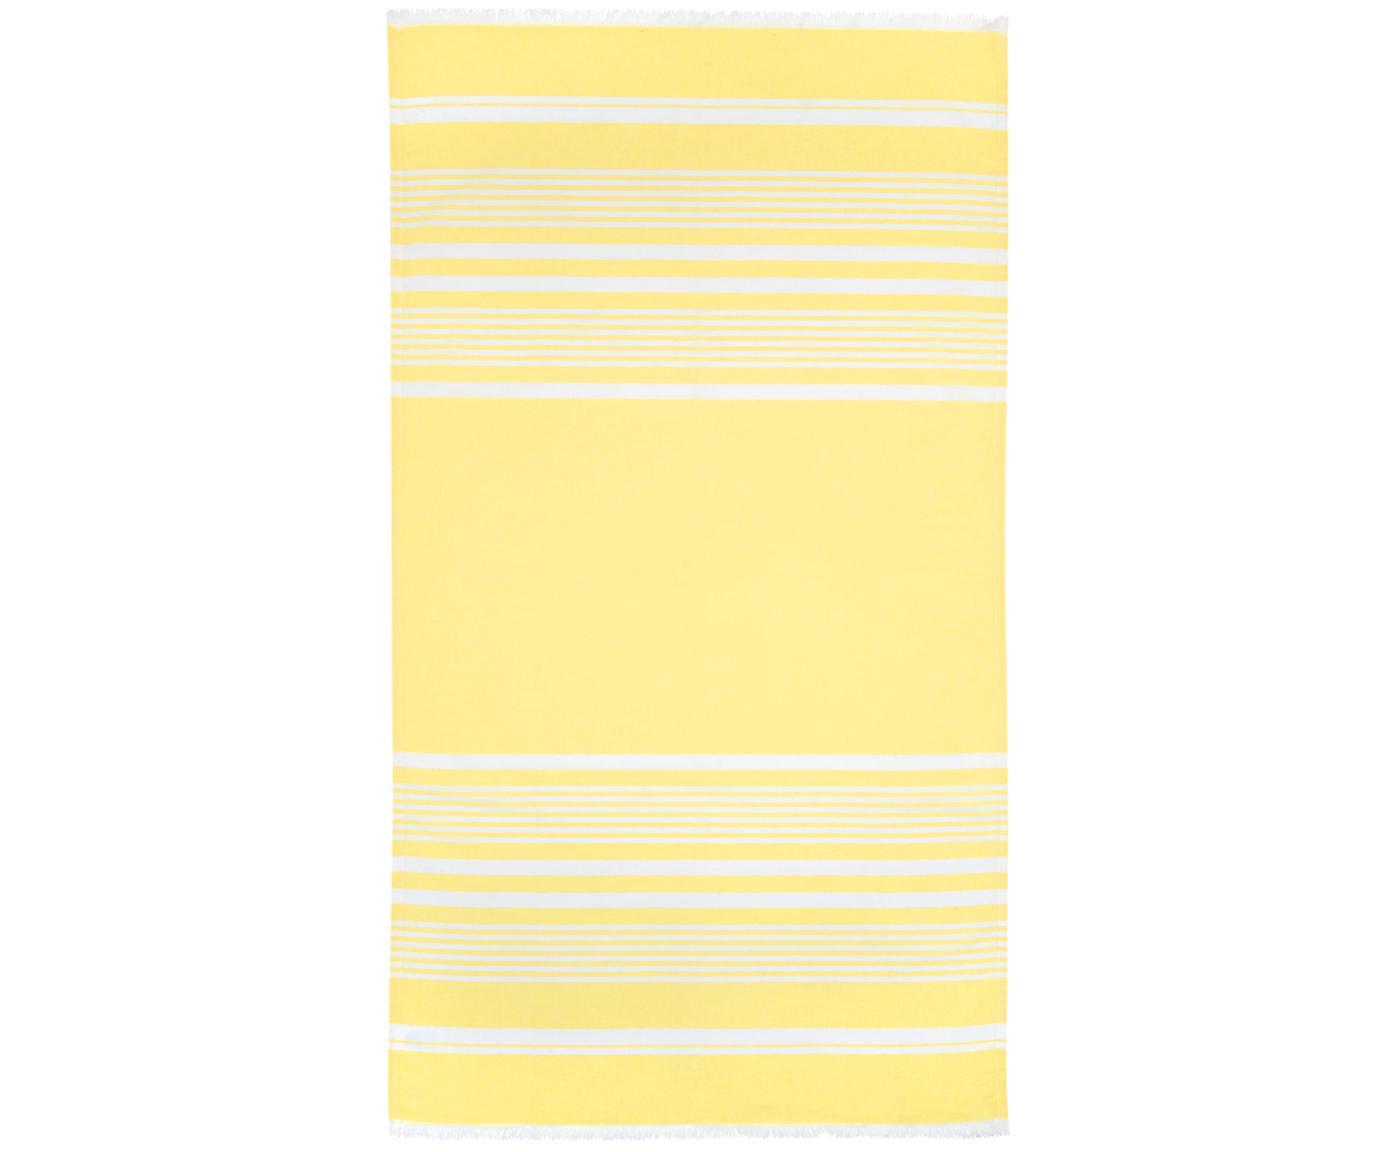 Hamamtuch Nora, 100% Baumwolle, sehr leichte Qualität 130 g/m², Gelb, Cremeweiss, 90 x 170 cm